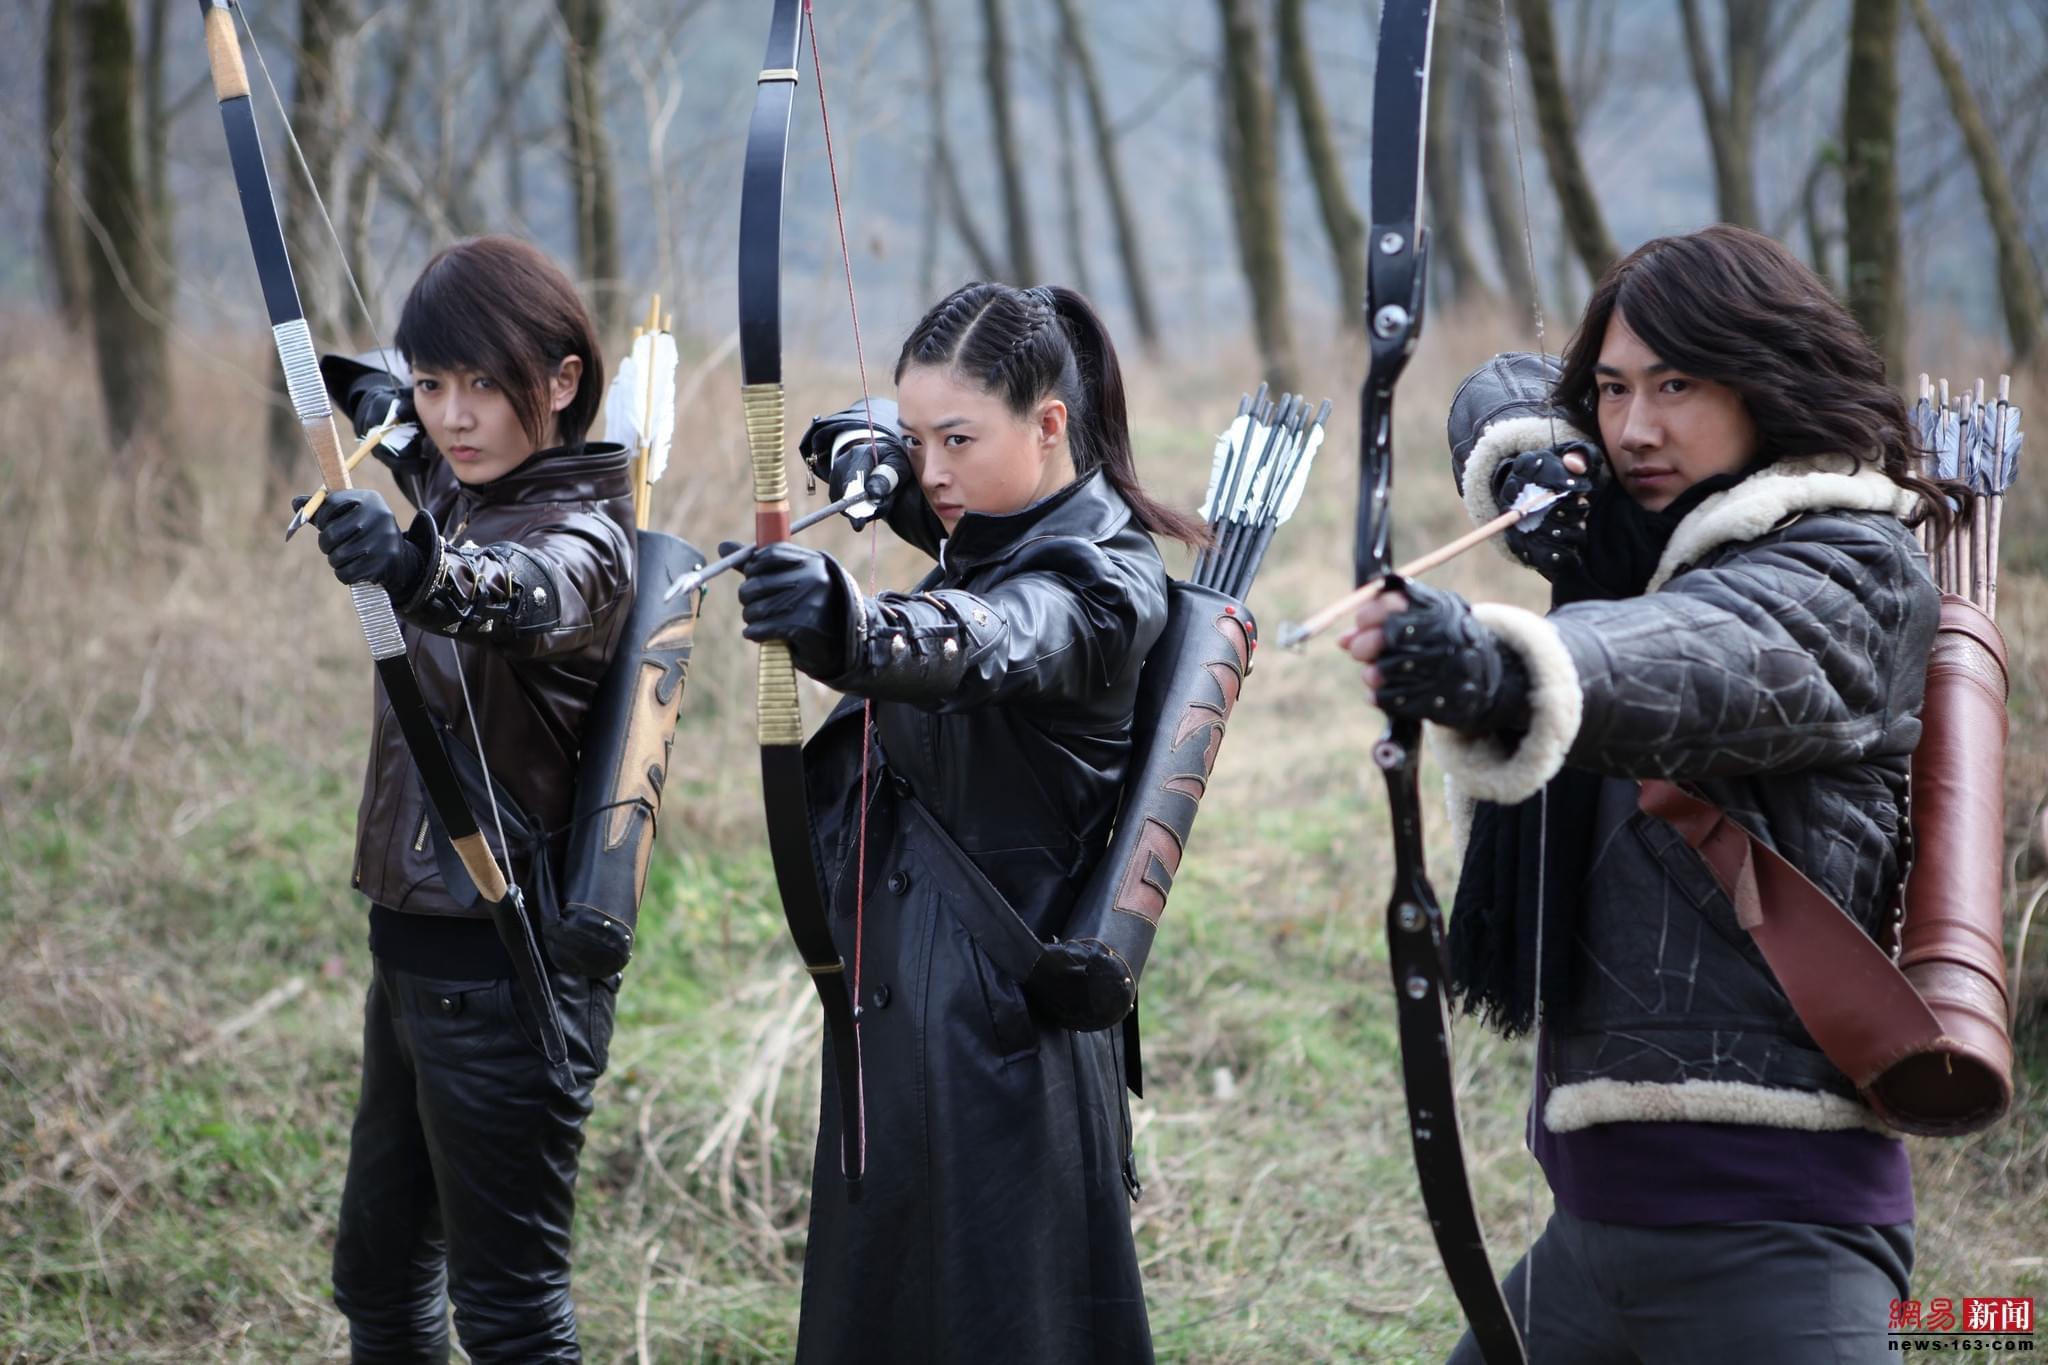 《箭在弦上》剧照,以蒋欣为首的神箭手们正在用弓箭对抗日军。/视觉中国